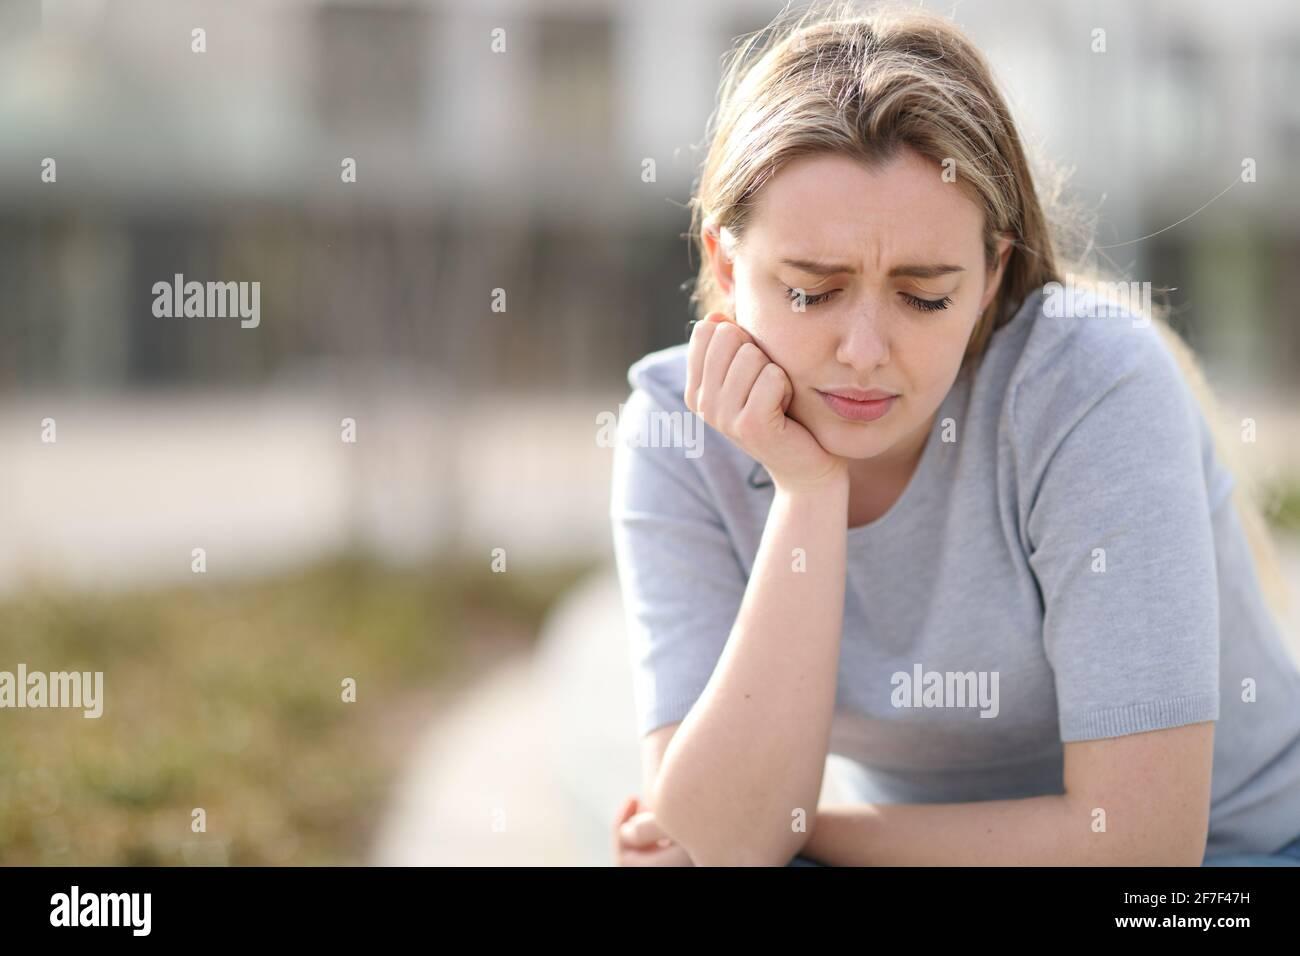 Triste adolescent se plaignant de regarder seul dans la rue Banque D'Images